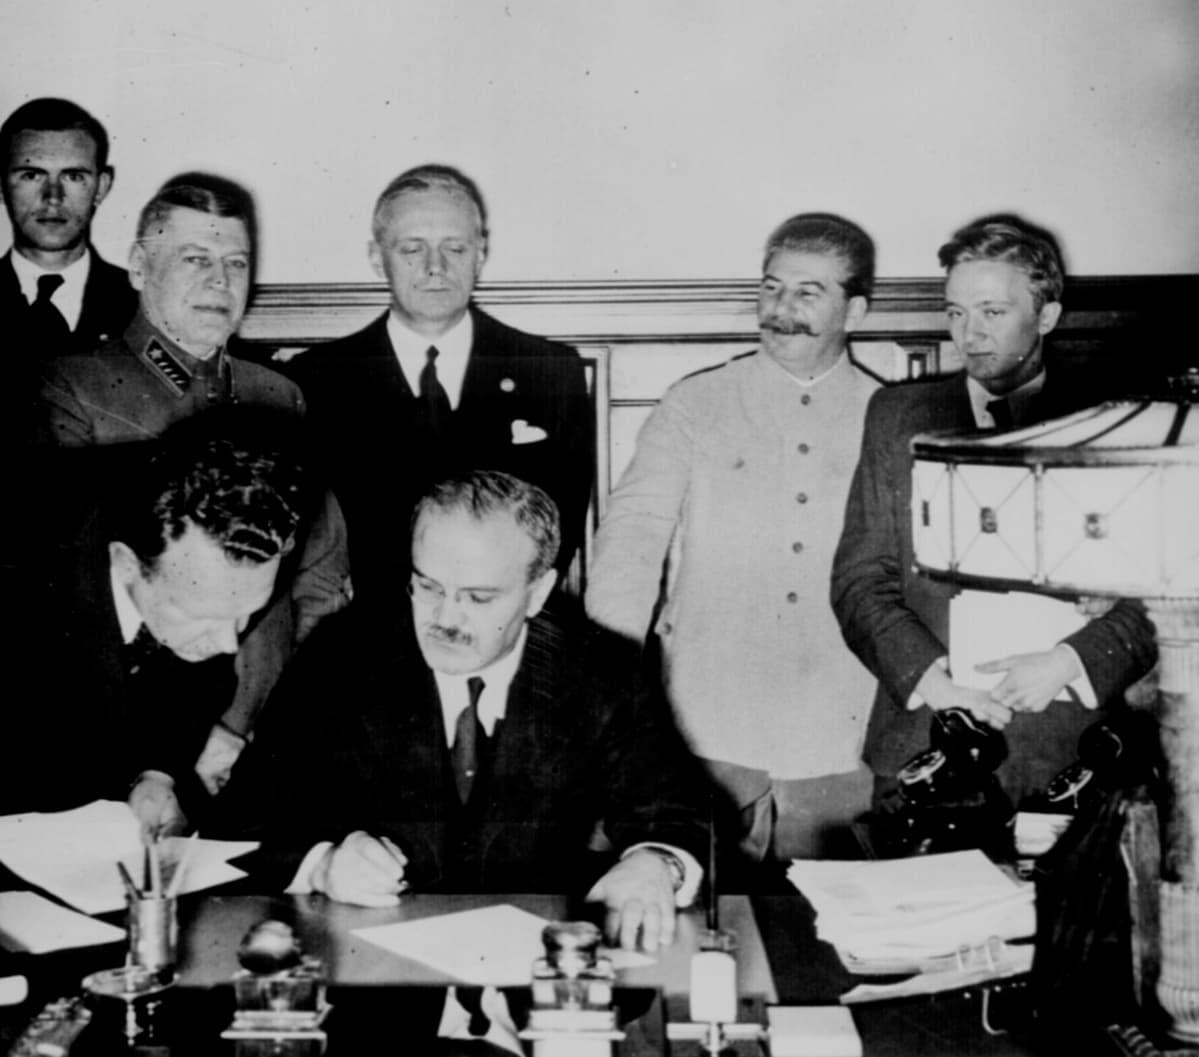 Molotov istuu pöydän ääressä allekirjoittamassa. Hänen takanaan seisoo Ribbentrop, vakavana. Stalin hymyilee vieressä univormussaan.